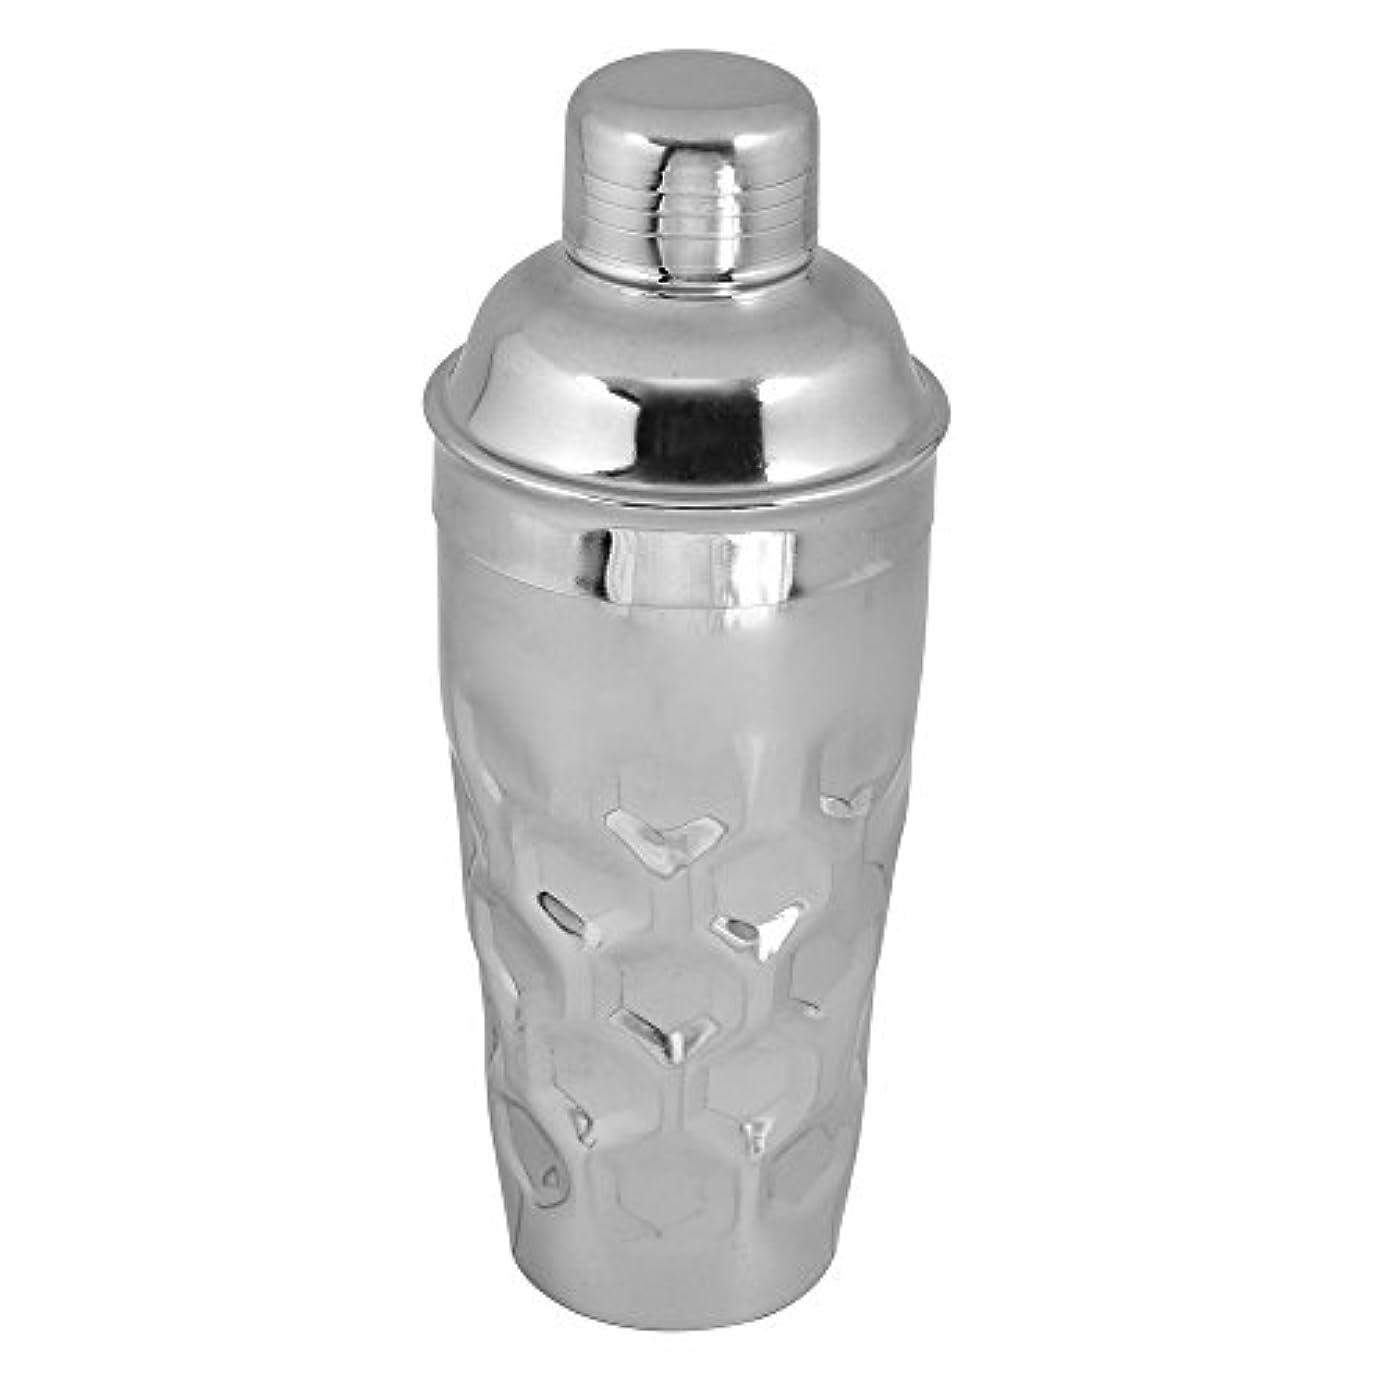 丘どれ暗殺(750ml Octagonal) - Kosma Stainless Steel Designer Cocktail Shaker Mocktail Shaker - (Hammered finish) - 750 ml